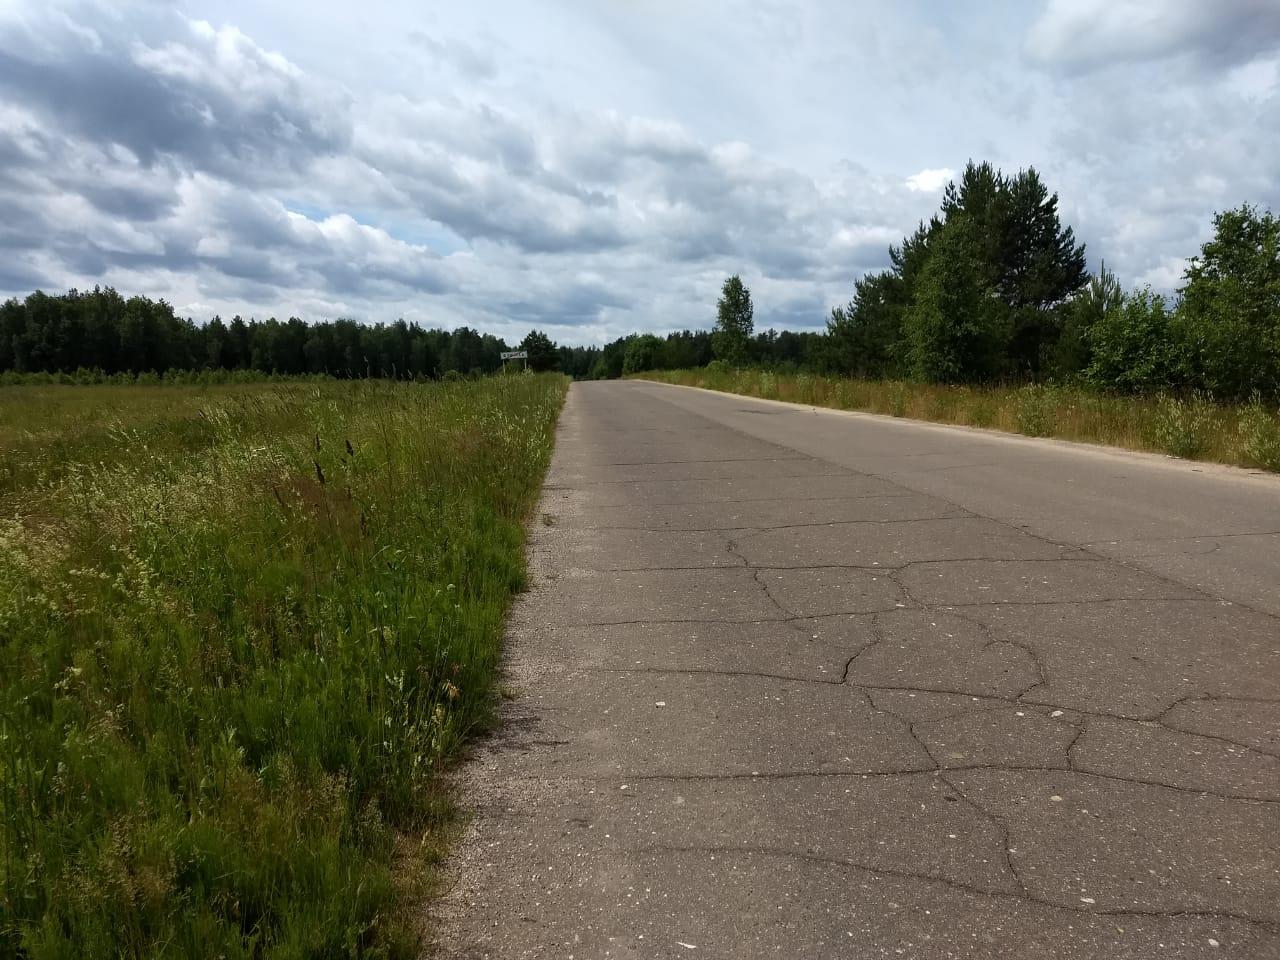 Въезд в Иваново из-за границы ужесточается из-за коронавируса